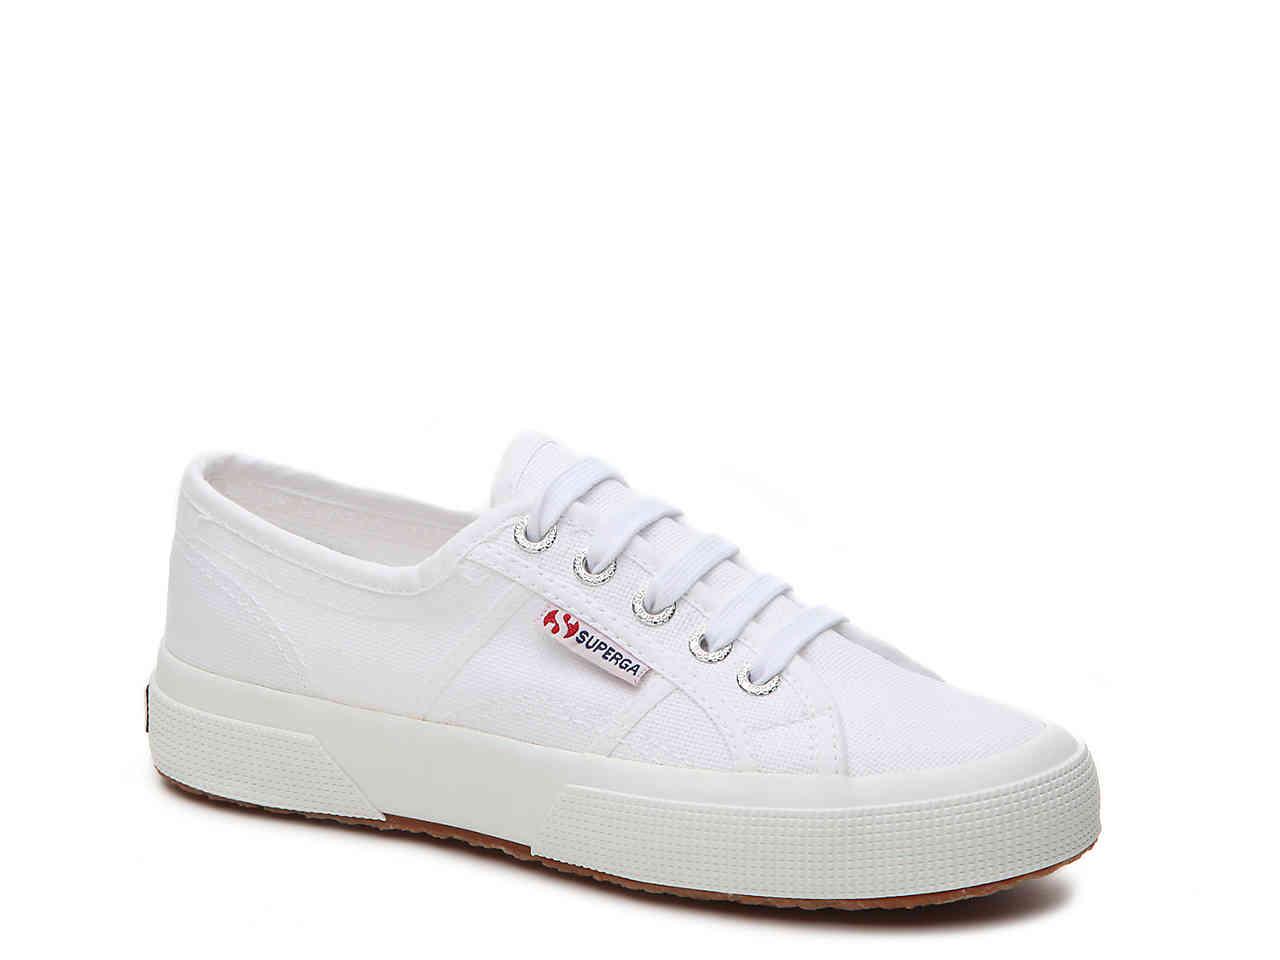 Superga-2750-Classic-Sneakers